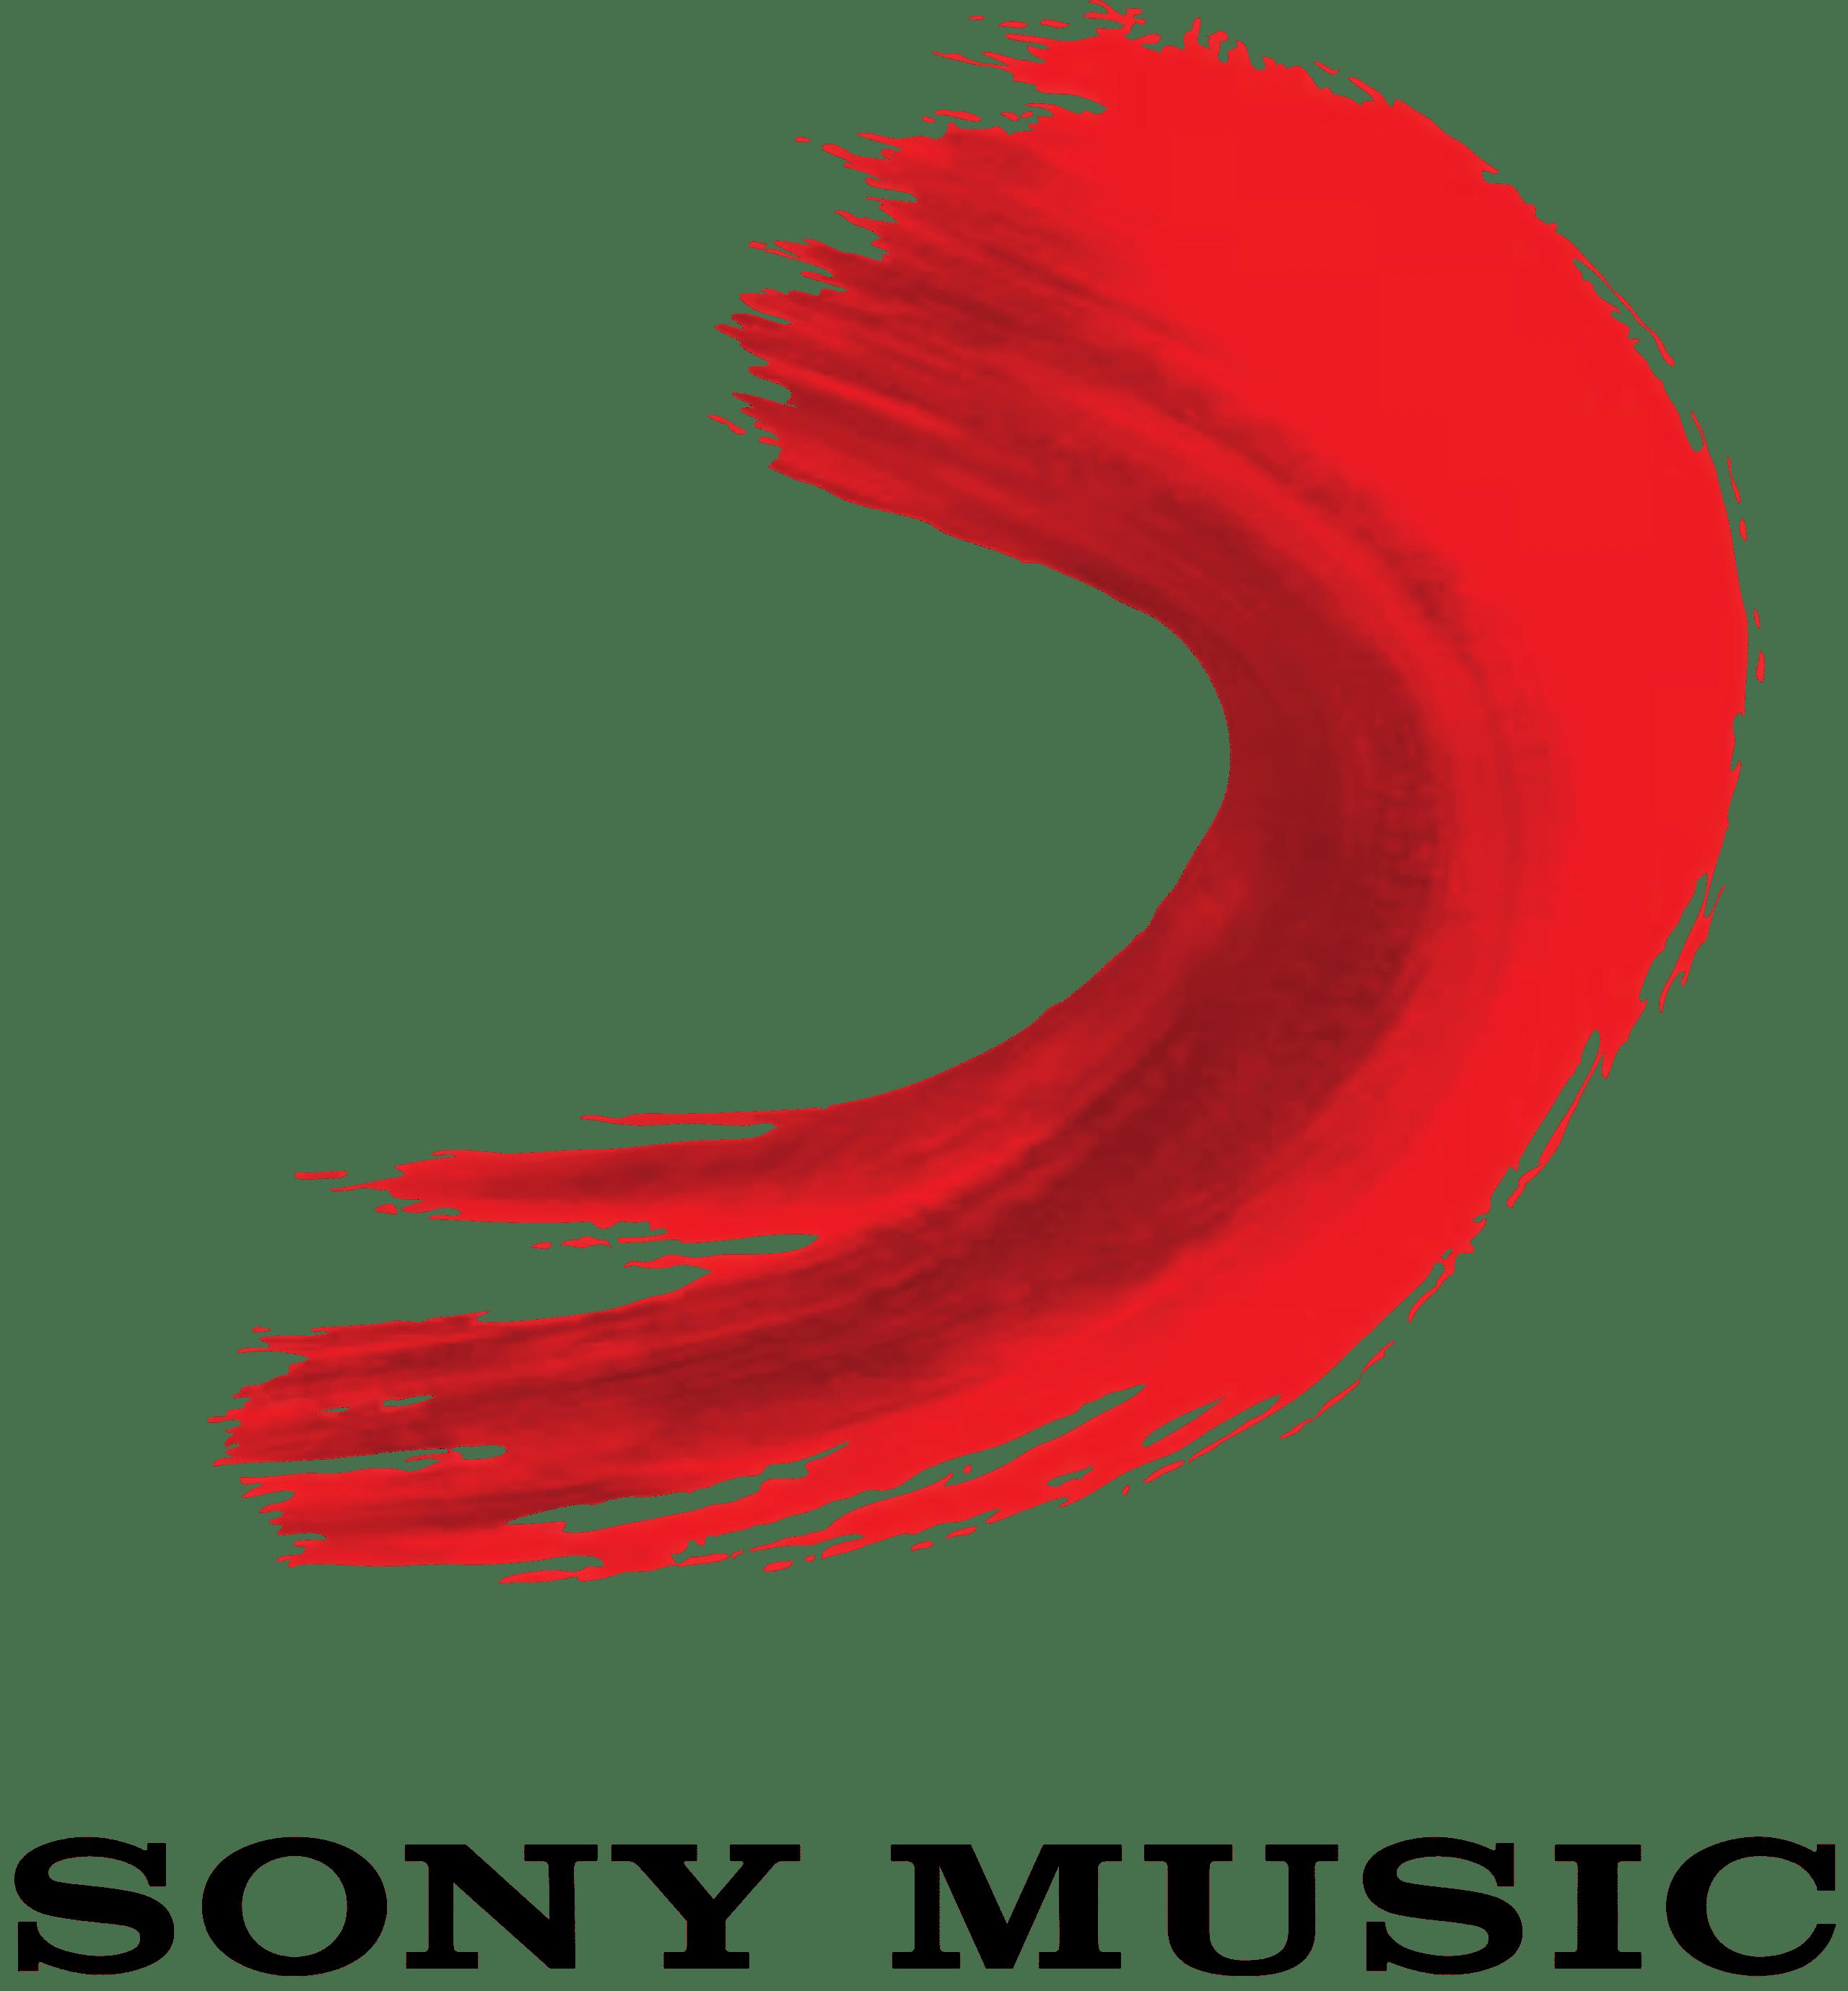 Setiembre 2020 Música Nueva Sony Music Artistas Canciones Playlist